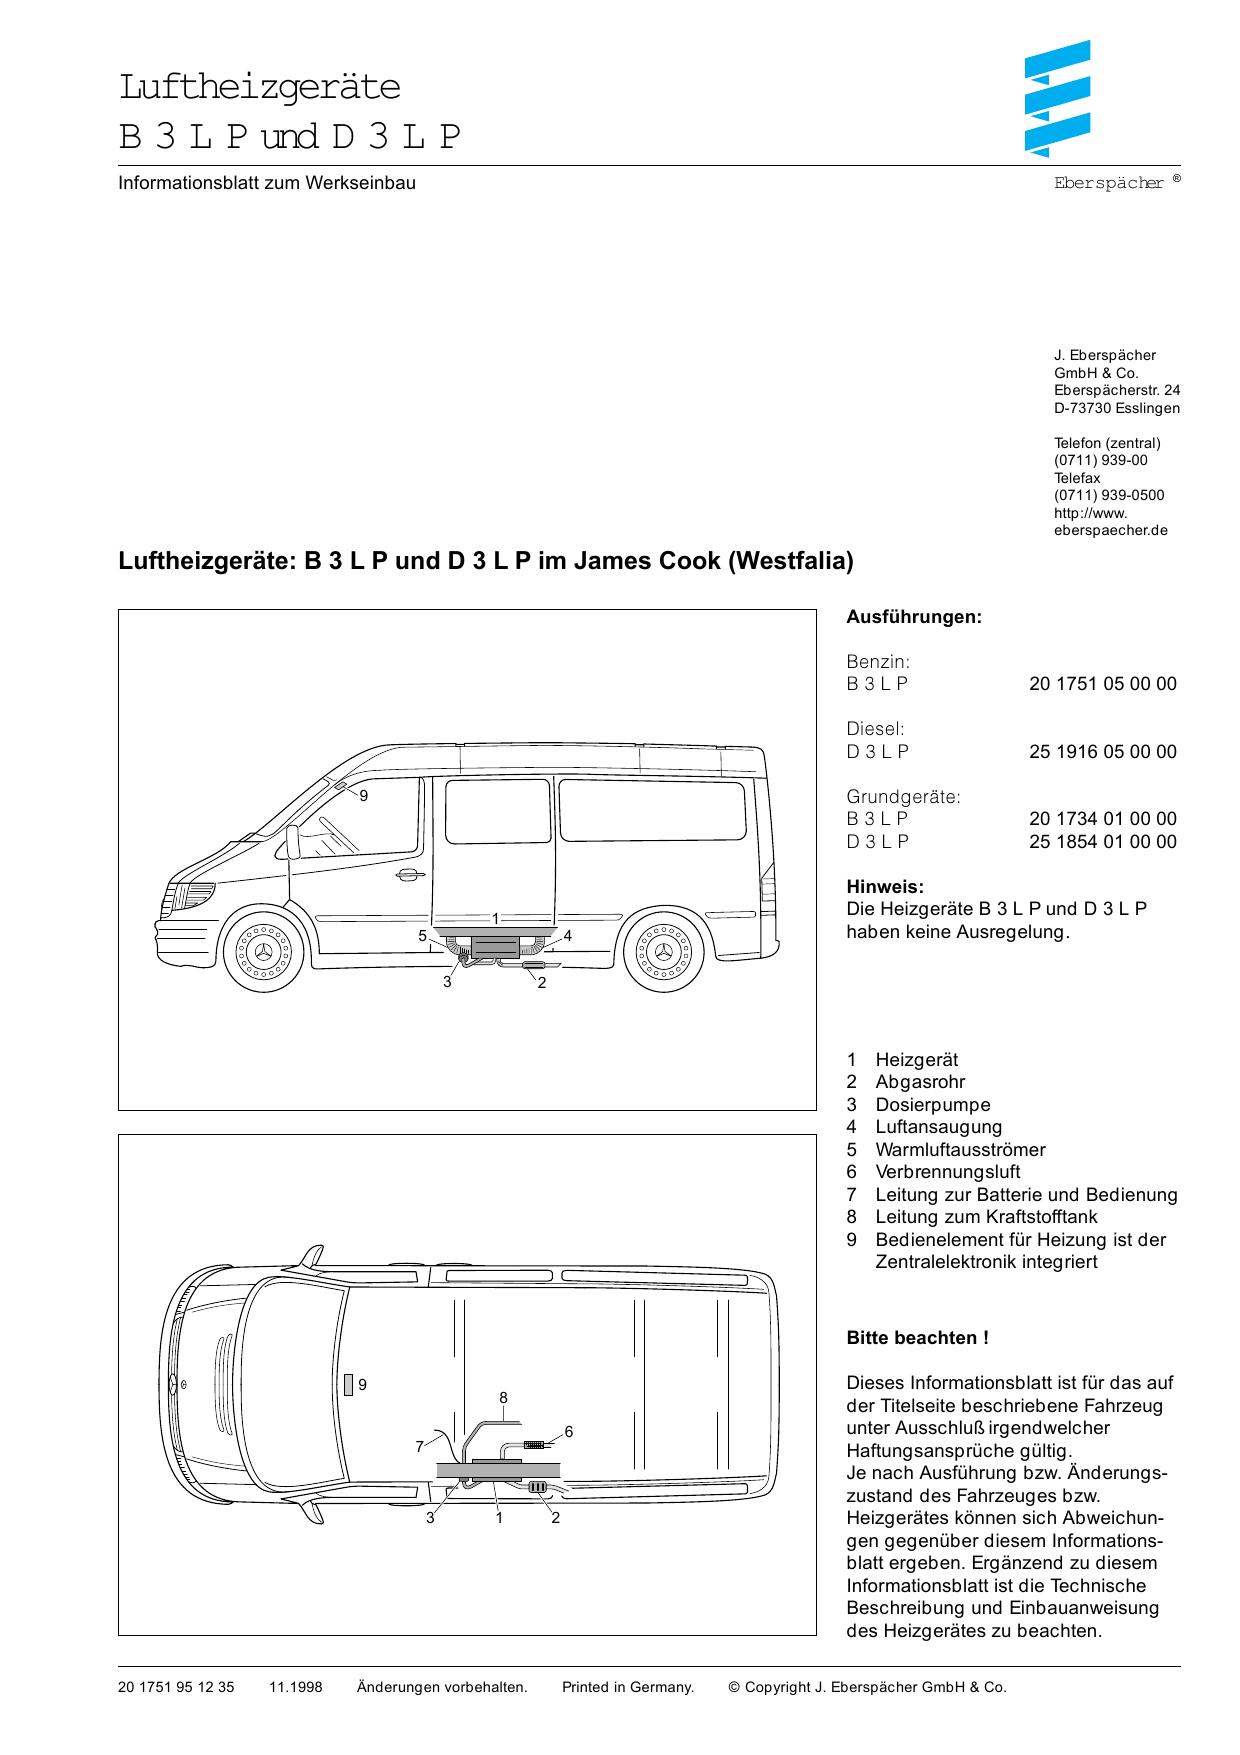 Luftheizgeräte B 3 L P und D 3 L P | manualzz.com